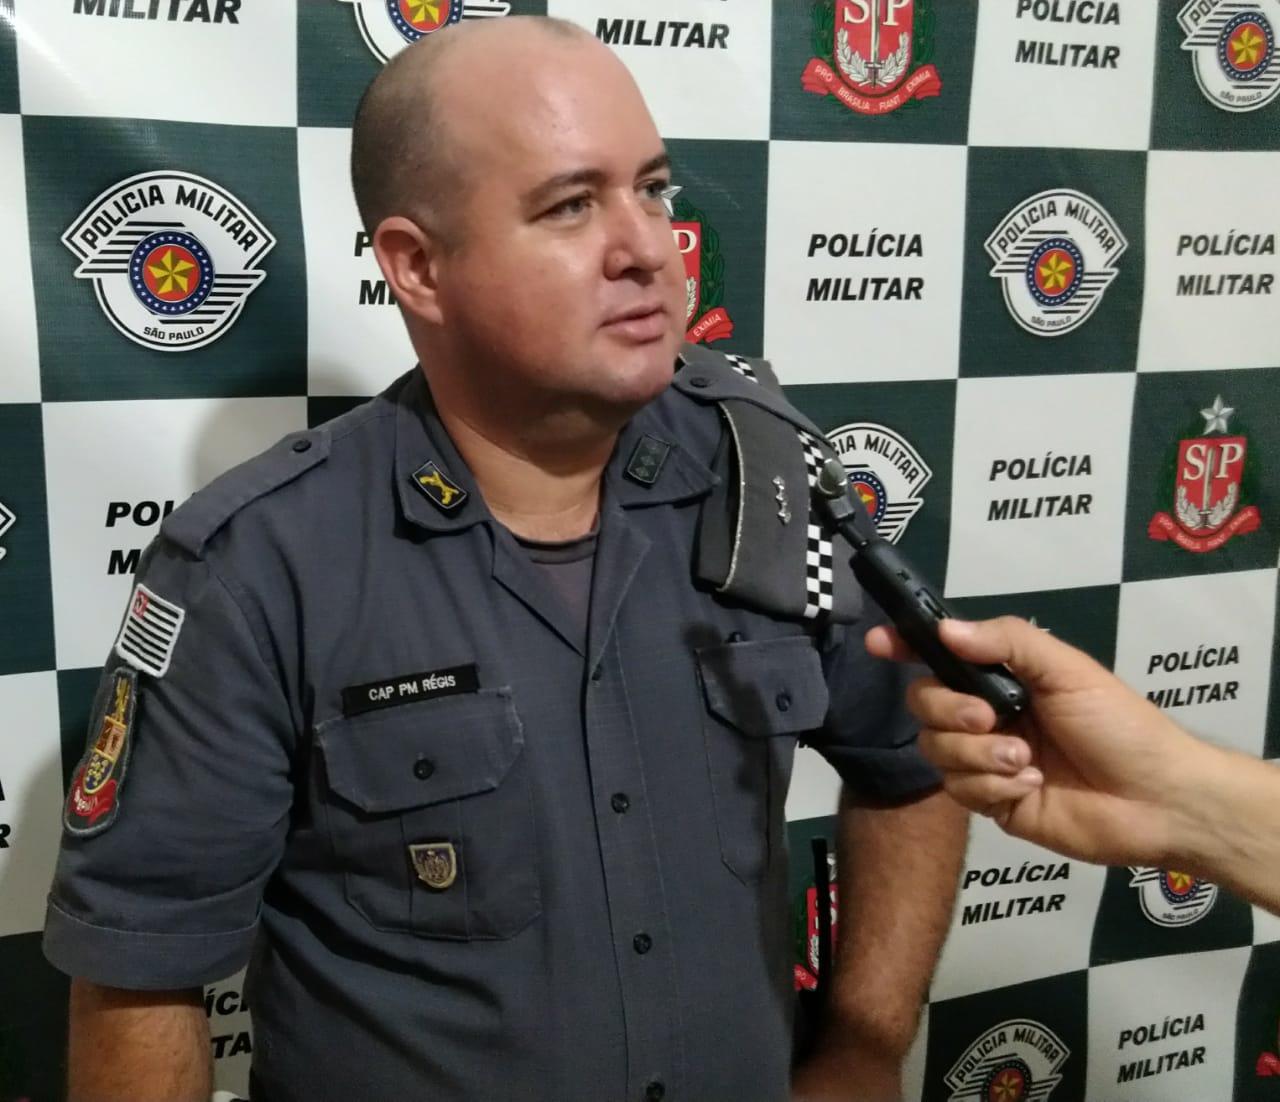 Capitão PM Leonardo Régis Ramos